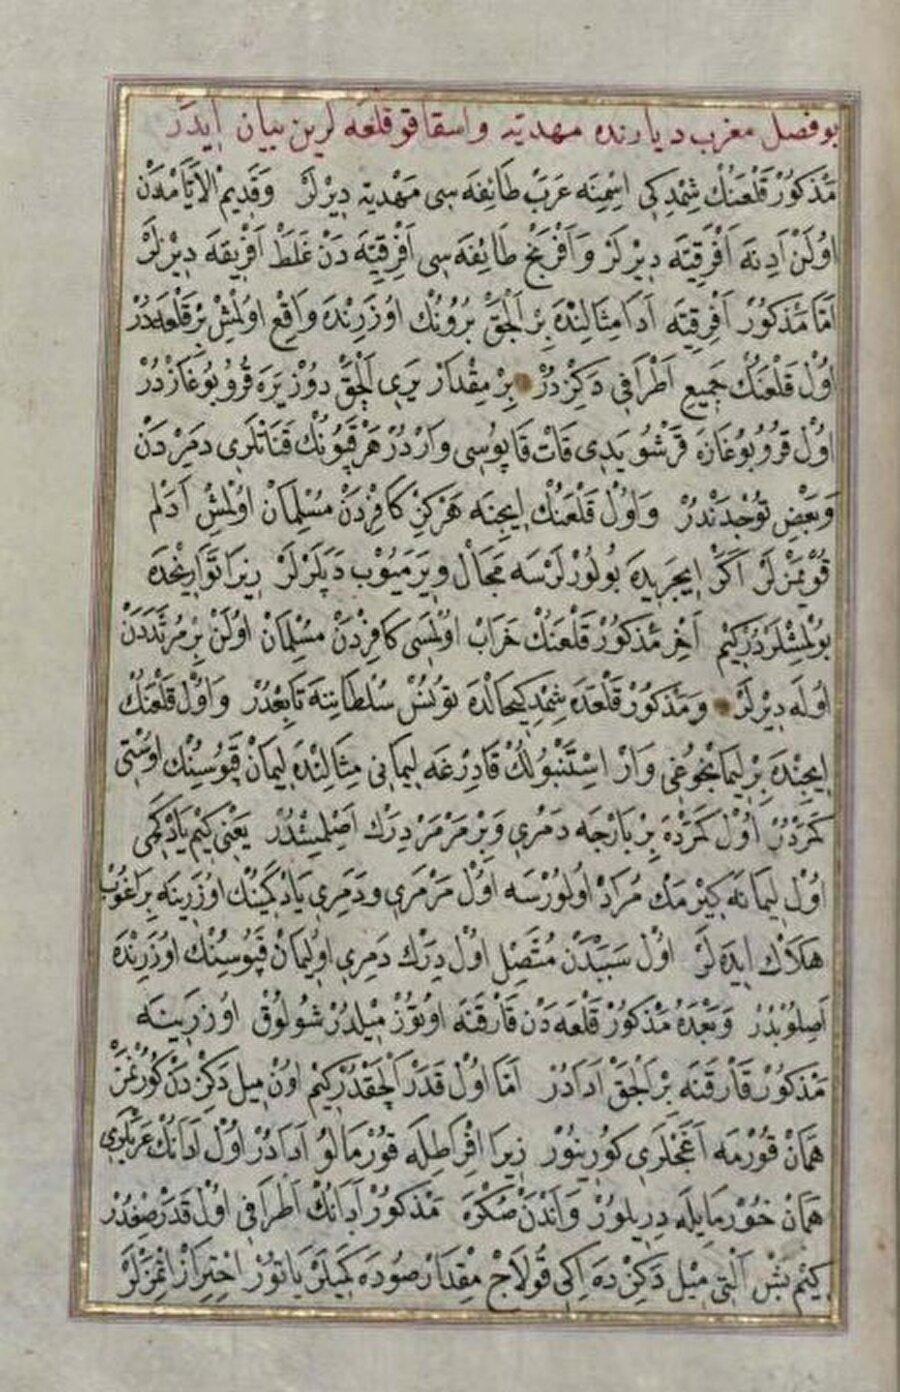 Güzel bir hat ile yazılmış bir nüshasından, Pîrî Reis'in coğrafî eseri Kitâb-ı Bahriyye'de Mehdiyye ile alakalı olan kısım.